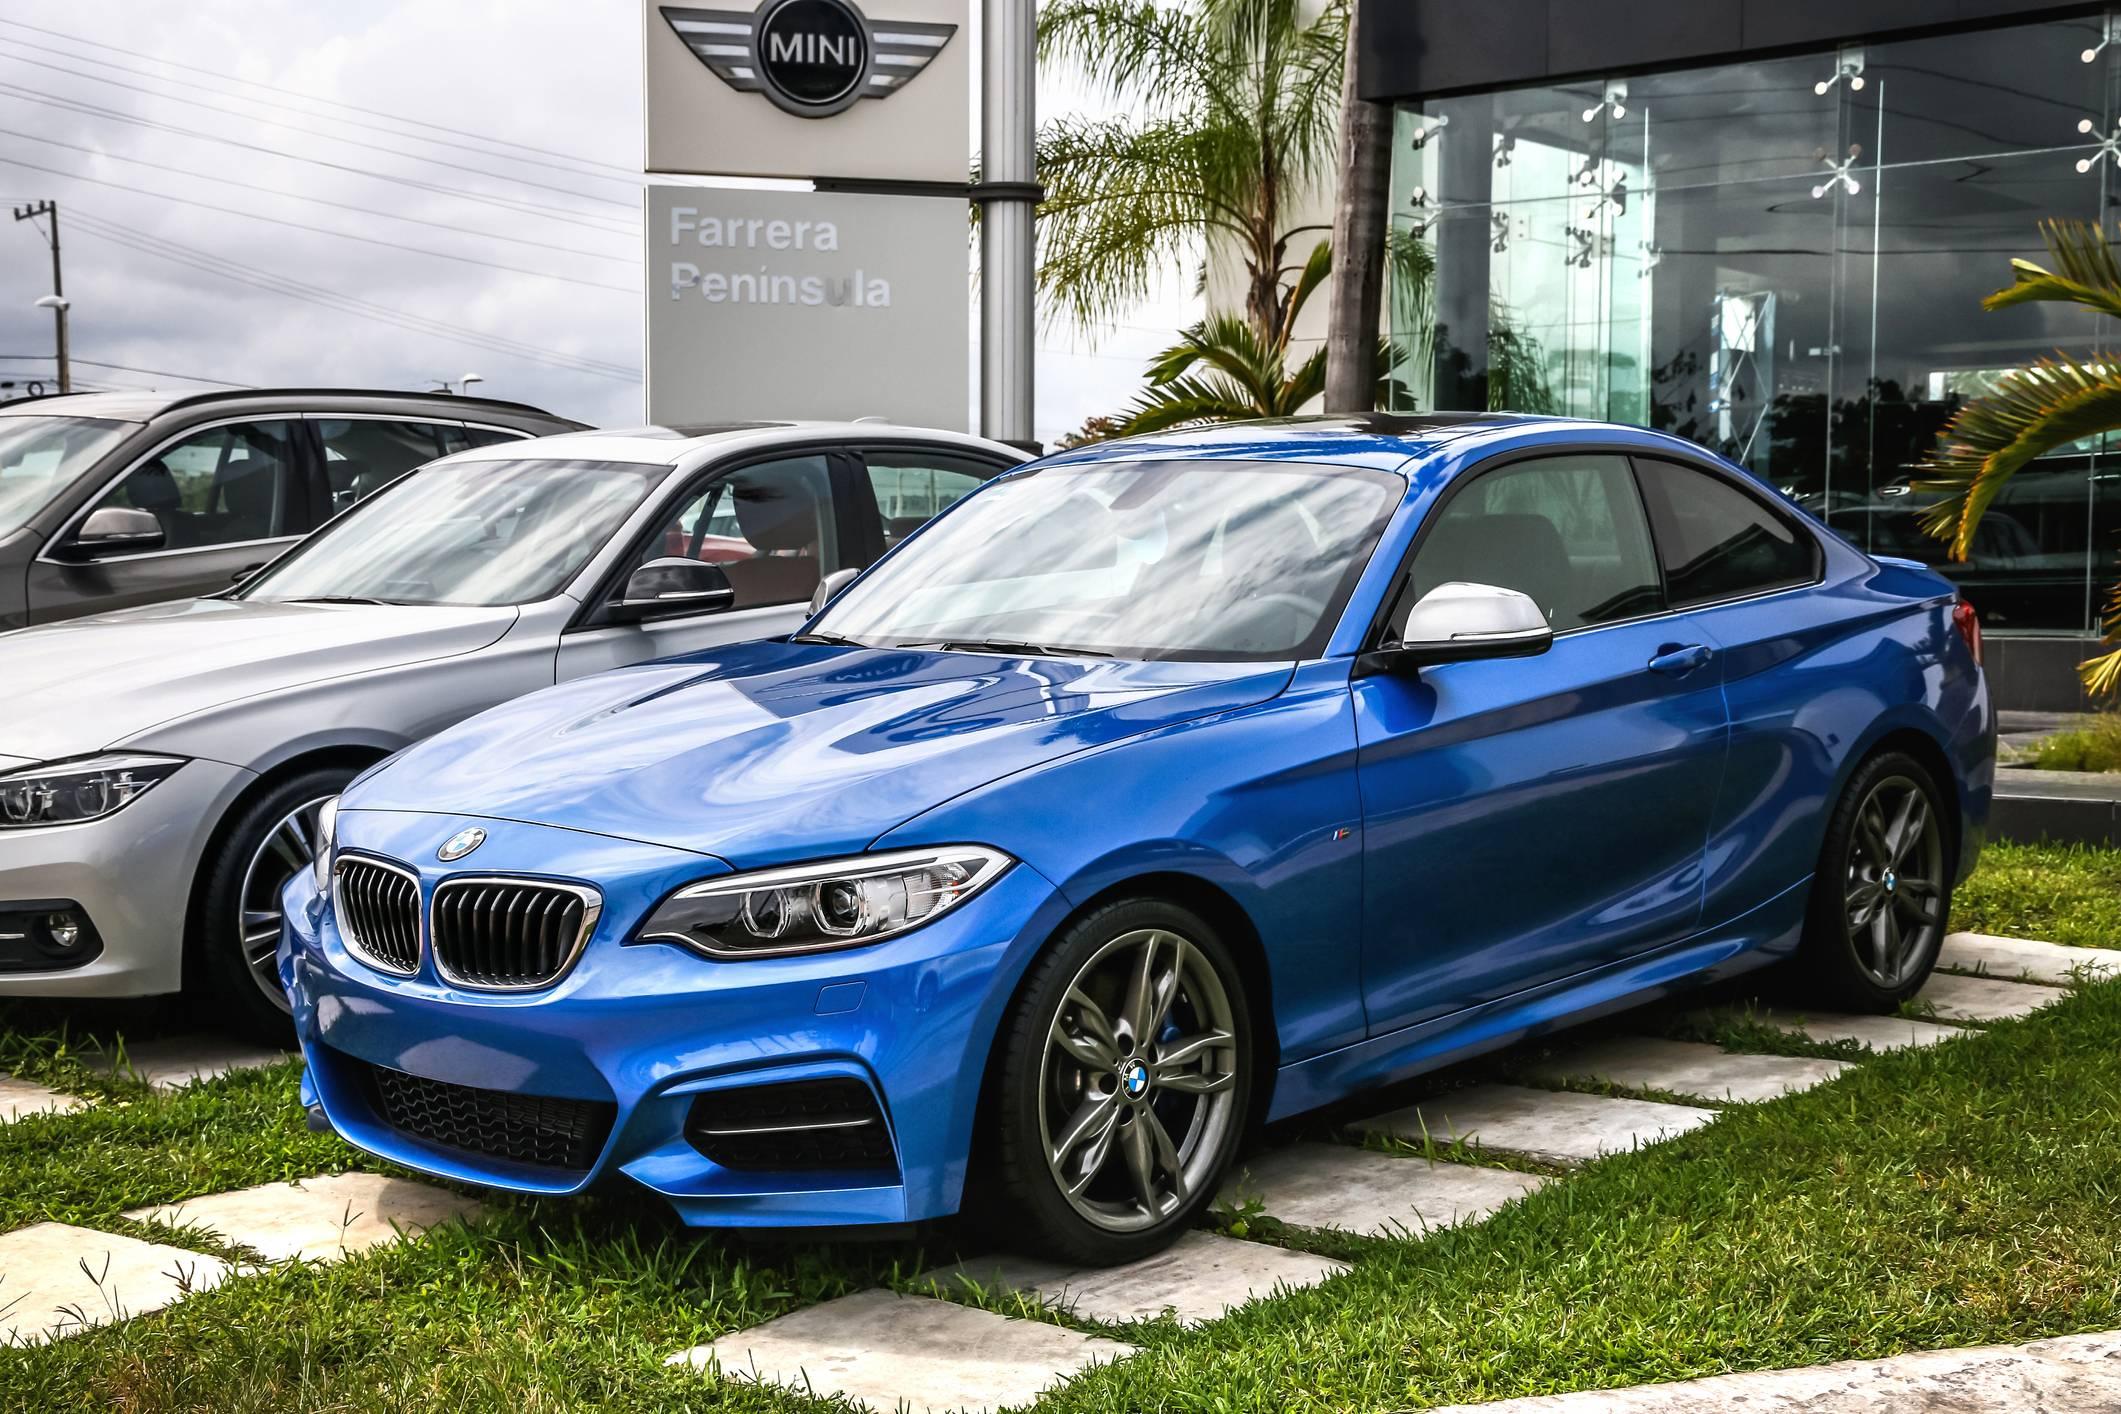 Achat d'une BMW en concession